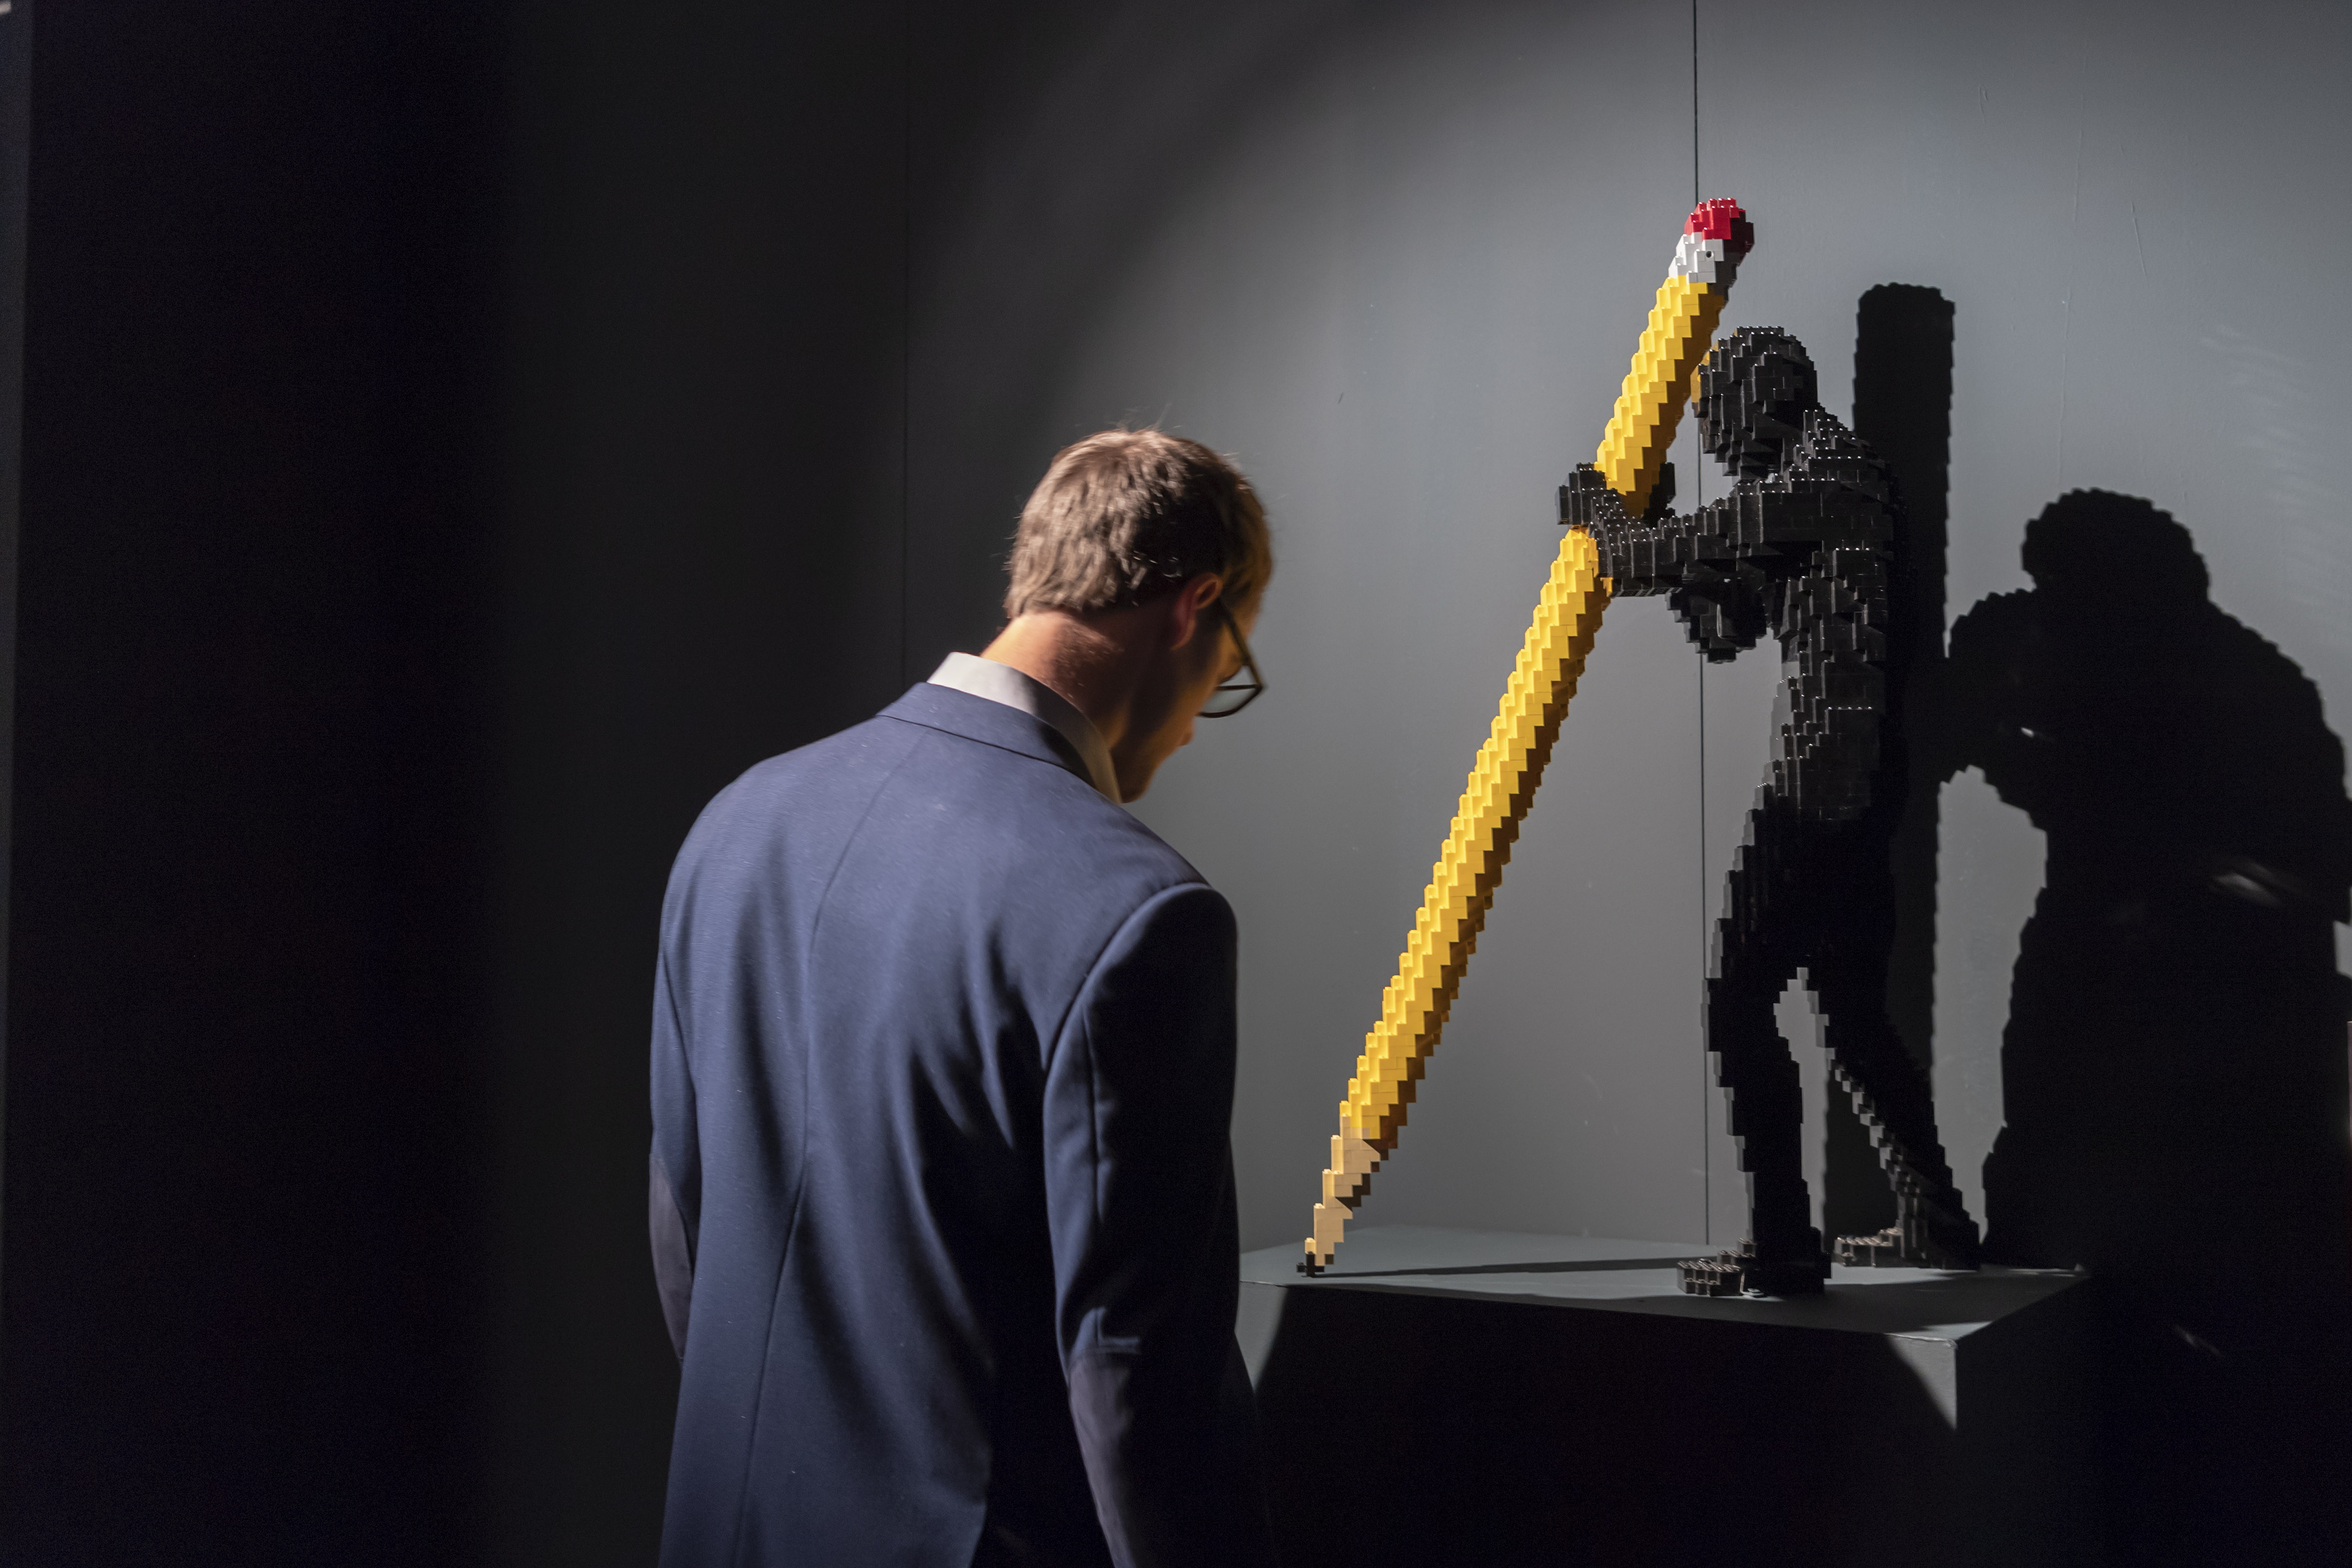 """Изложбата """"Изкуството на тухличката"""" в Женева, Швейцария. Изложбата с тухличките на Лего от американският художник Натан Сауеа ще бъде отворена за посетители от 4 Октомври 2018 г. до 6 януари 2019 г."""